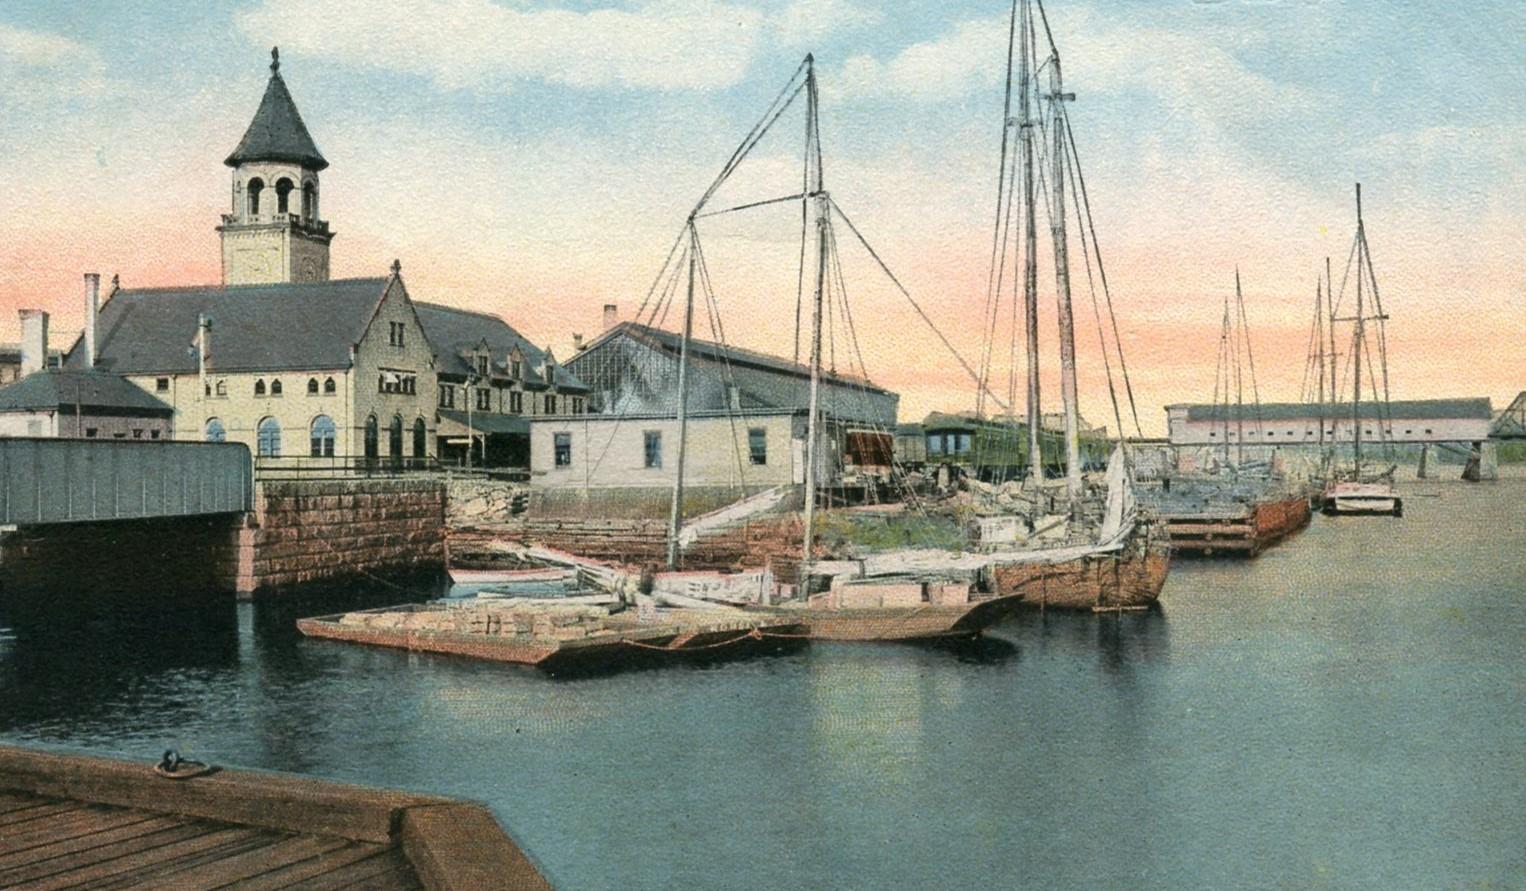 20 Bangor Landmarks, 20 Fascinating Stories